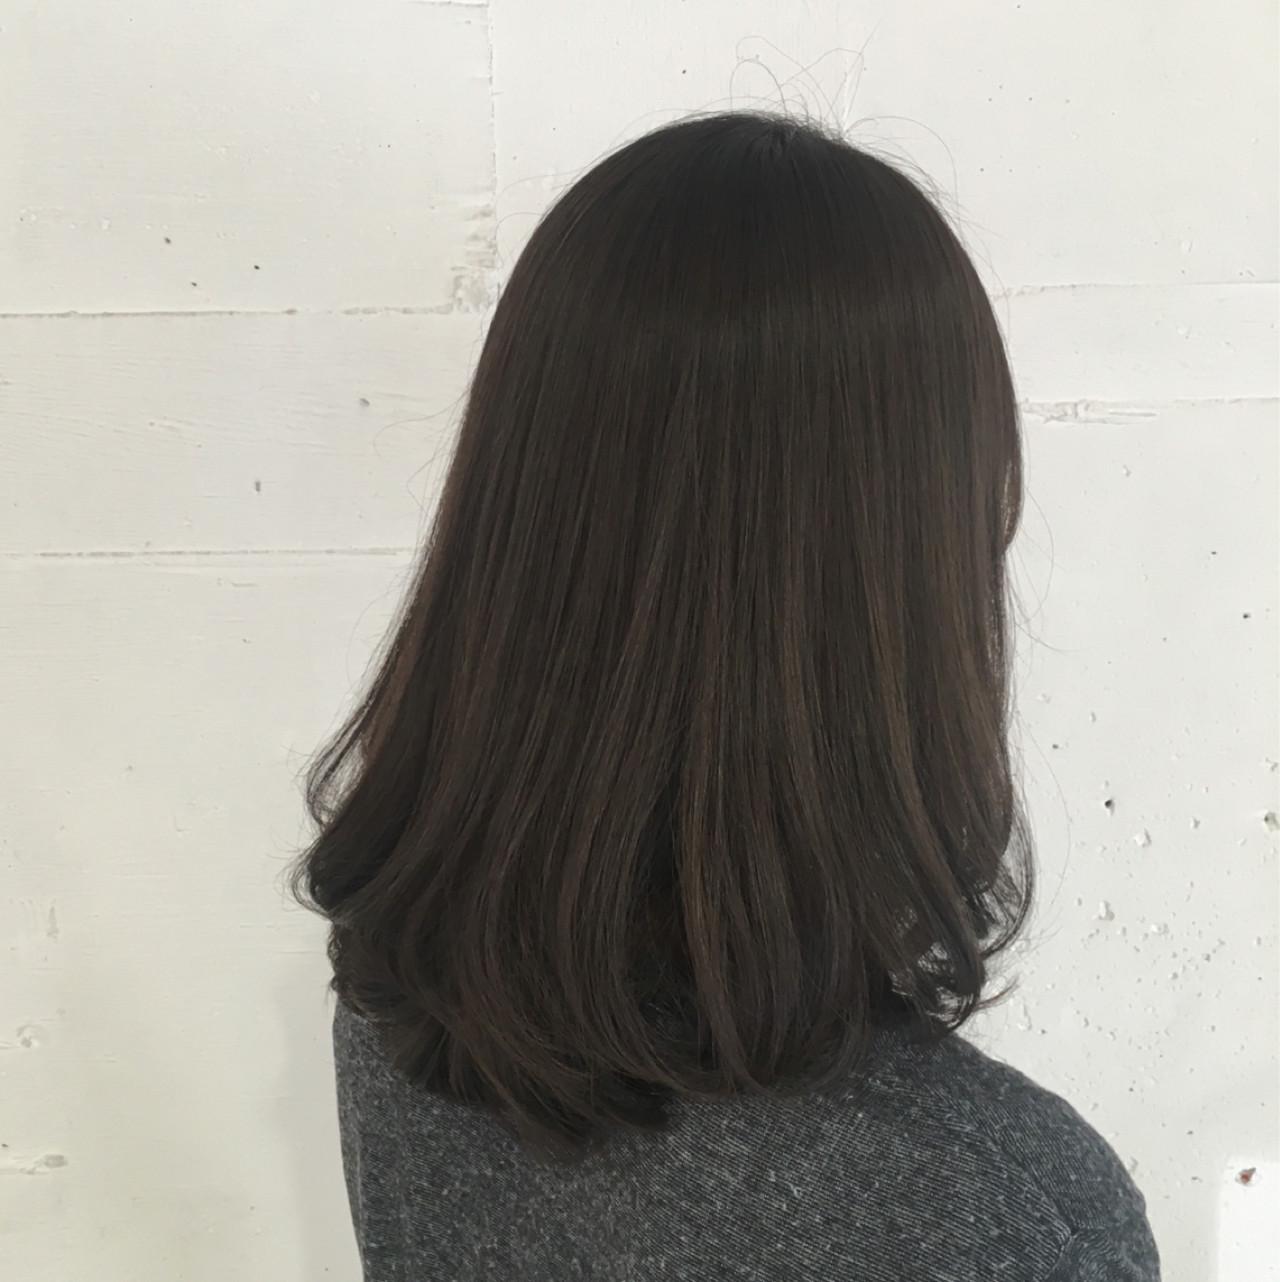 アッシュグレージュ ボブ 外国人風 ナチュラル ヘアスタイルや髪型の写真・画像 | 鈴木 謙太 / HAIRLOGY